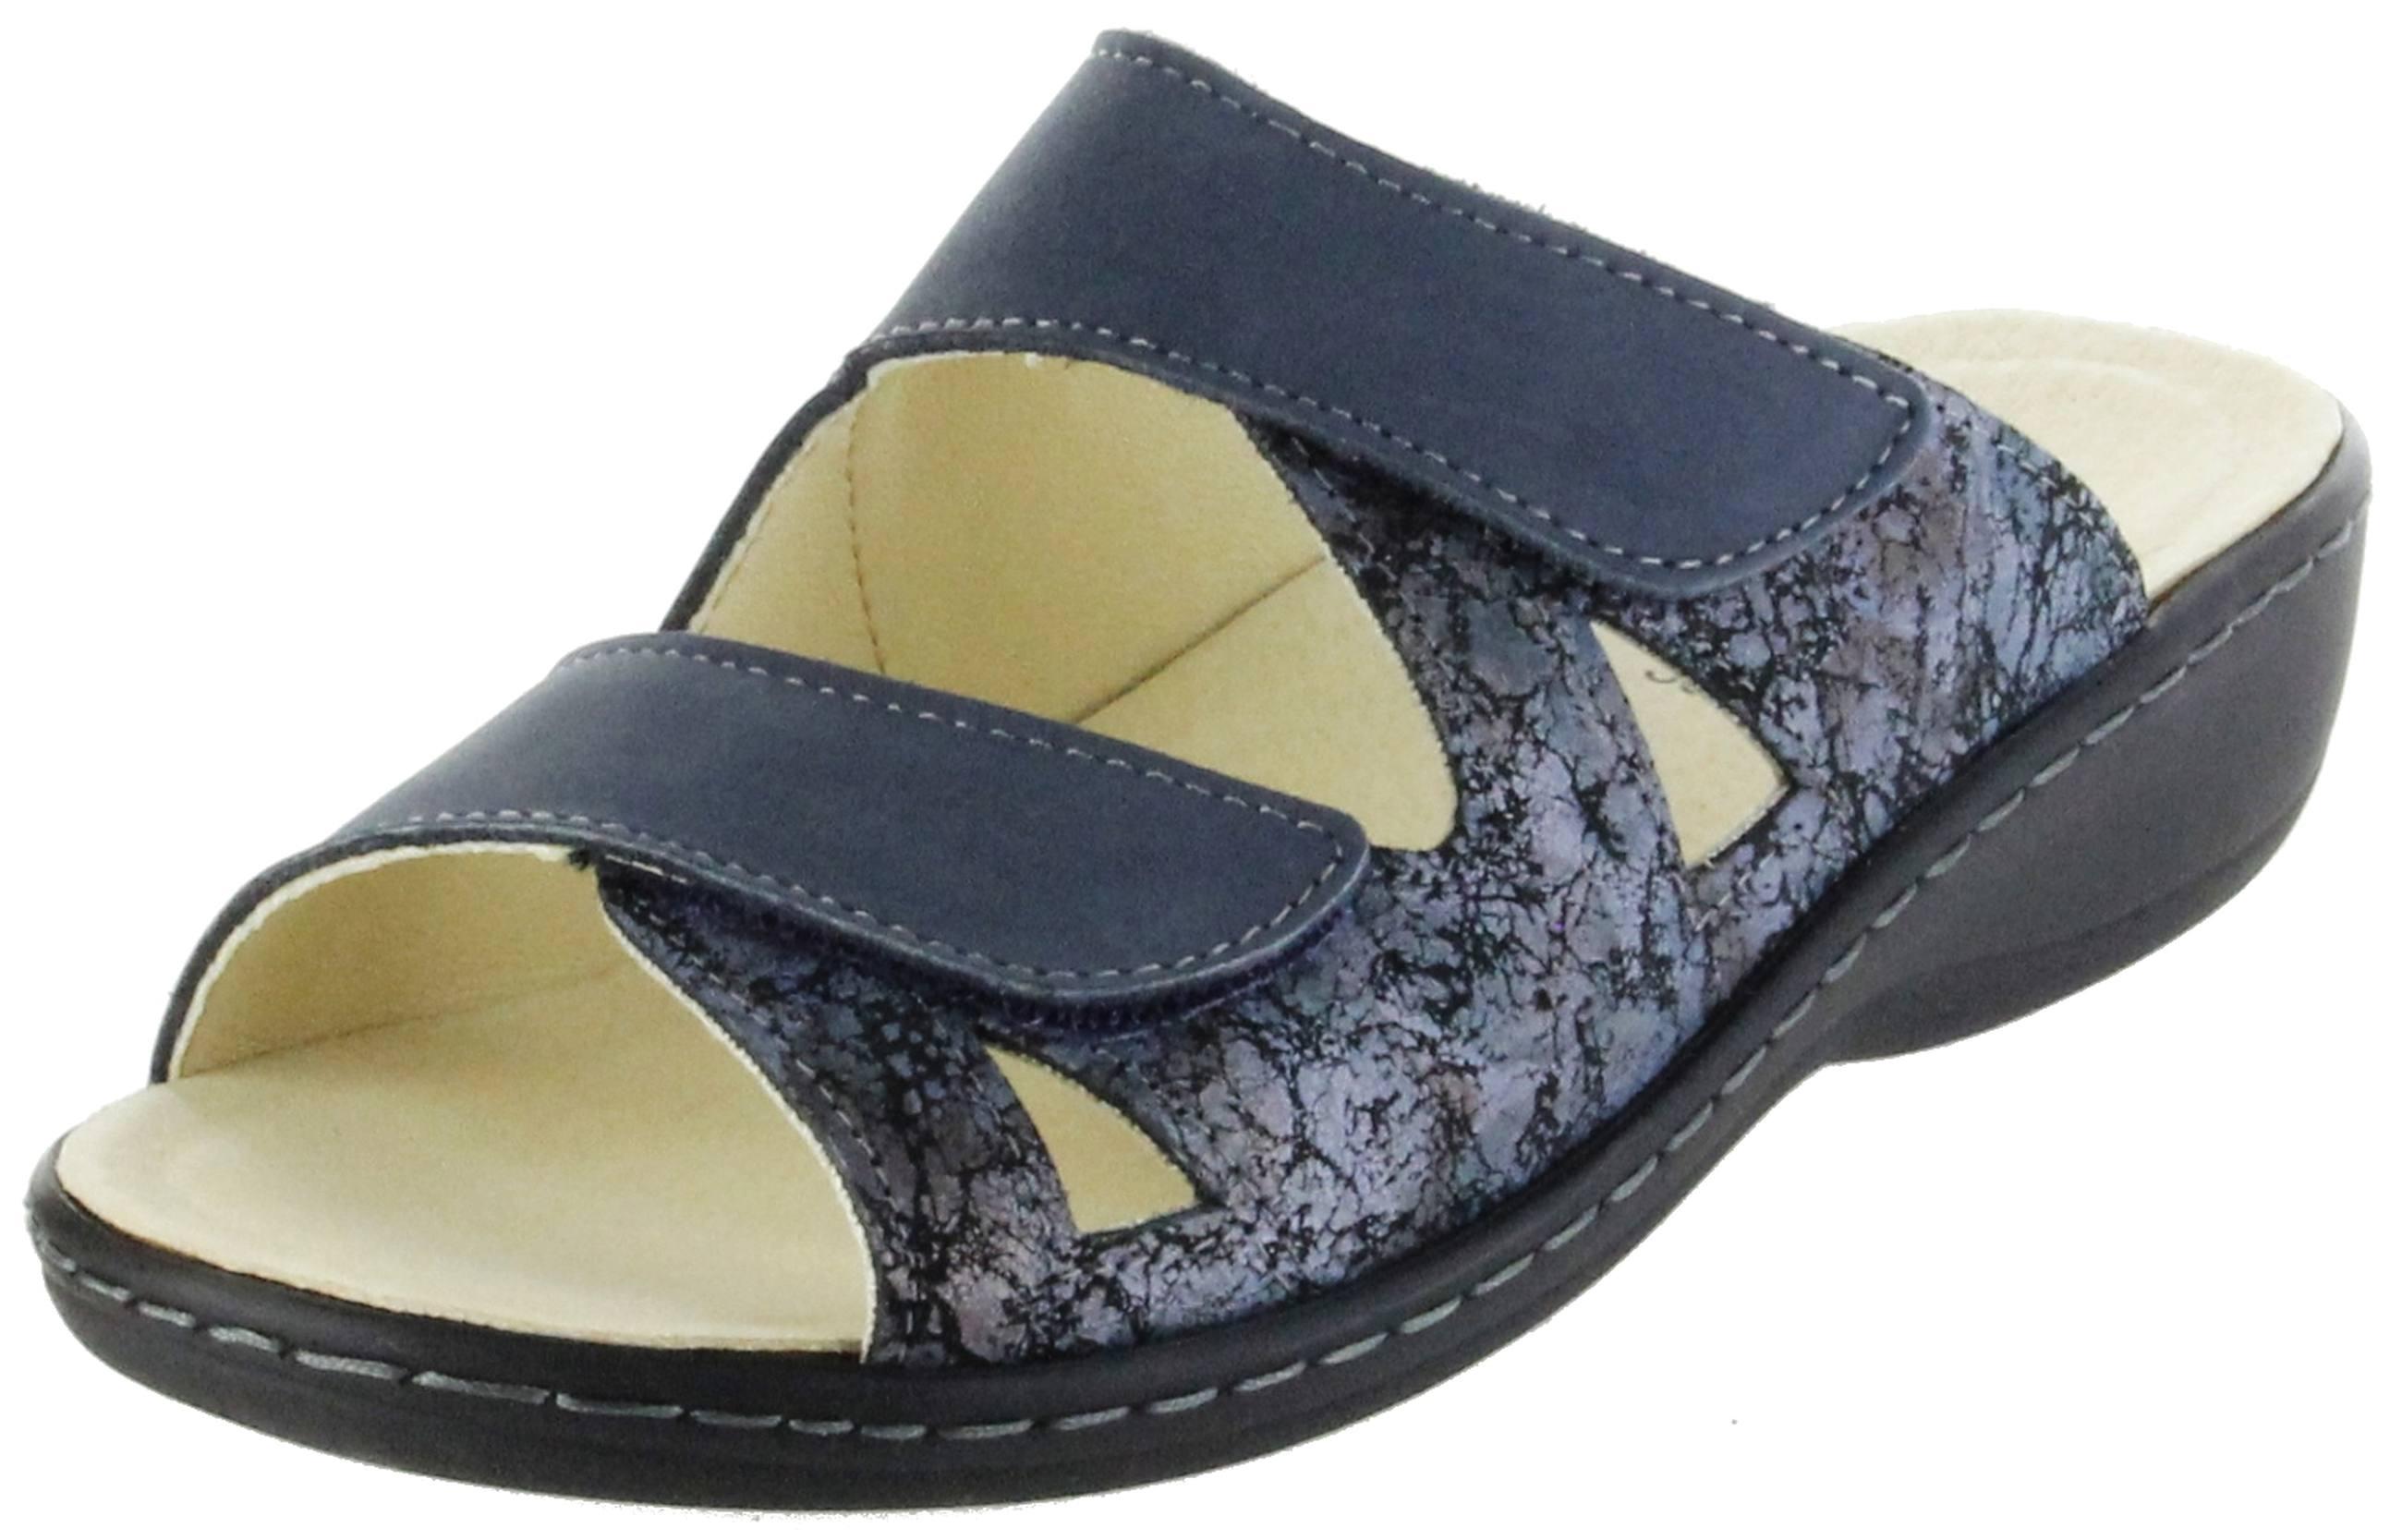 Belvida Wohlfühl-Pantoletten Blau Leder Wechselfußbett Rutschhemmende Sohle Klett Damen Schuhe 42.436, Größe:39, Farbe:Blau